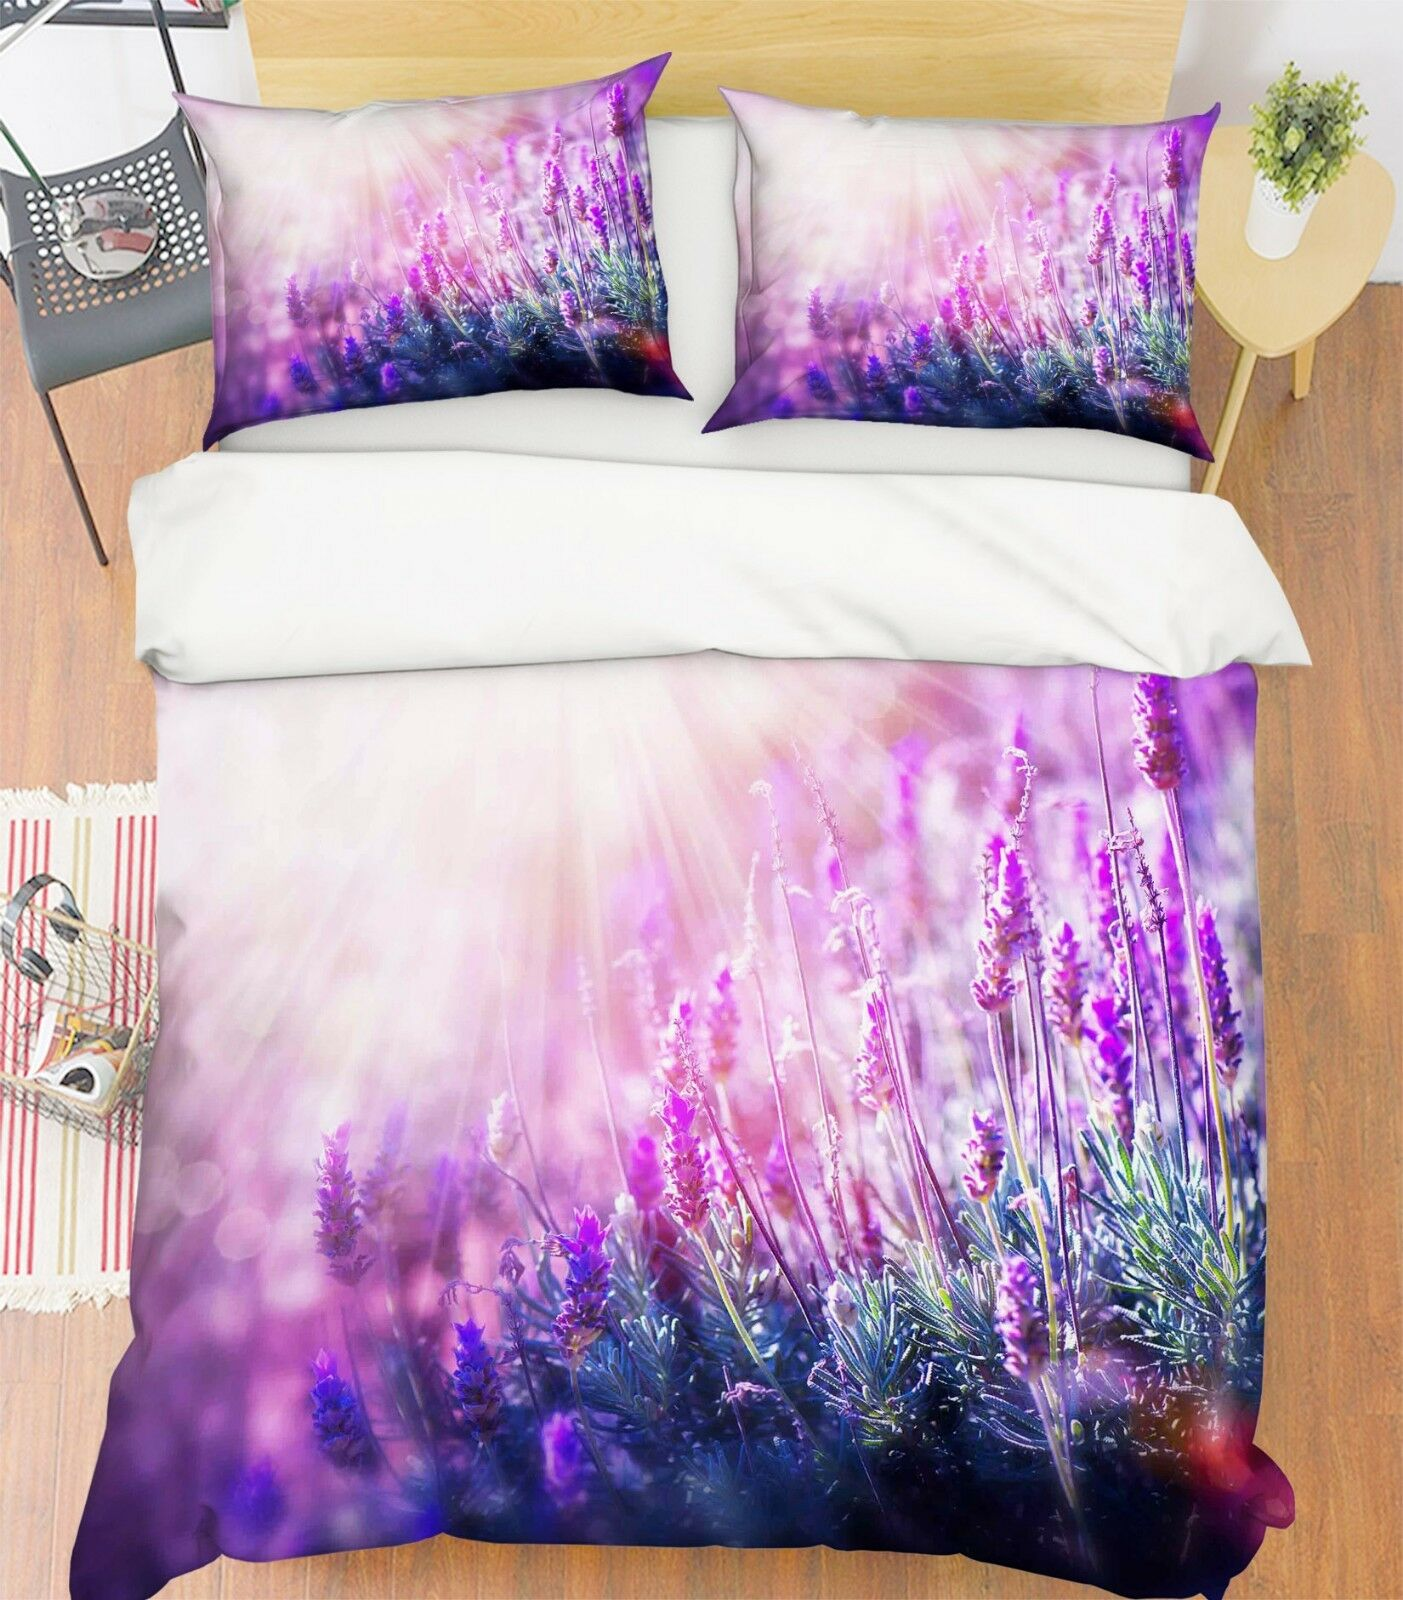 3d Beautiful Lavender 1 bett Cushion abdeckungs Stitch Duvet abdeckung Set Single Queen DE